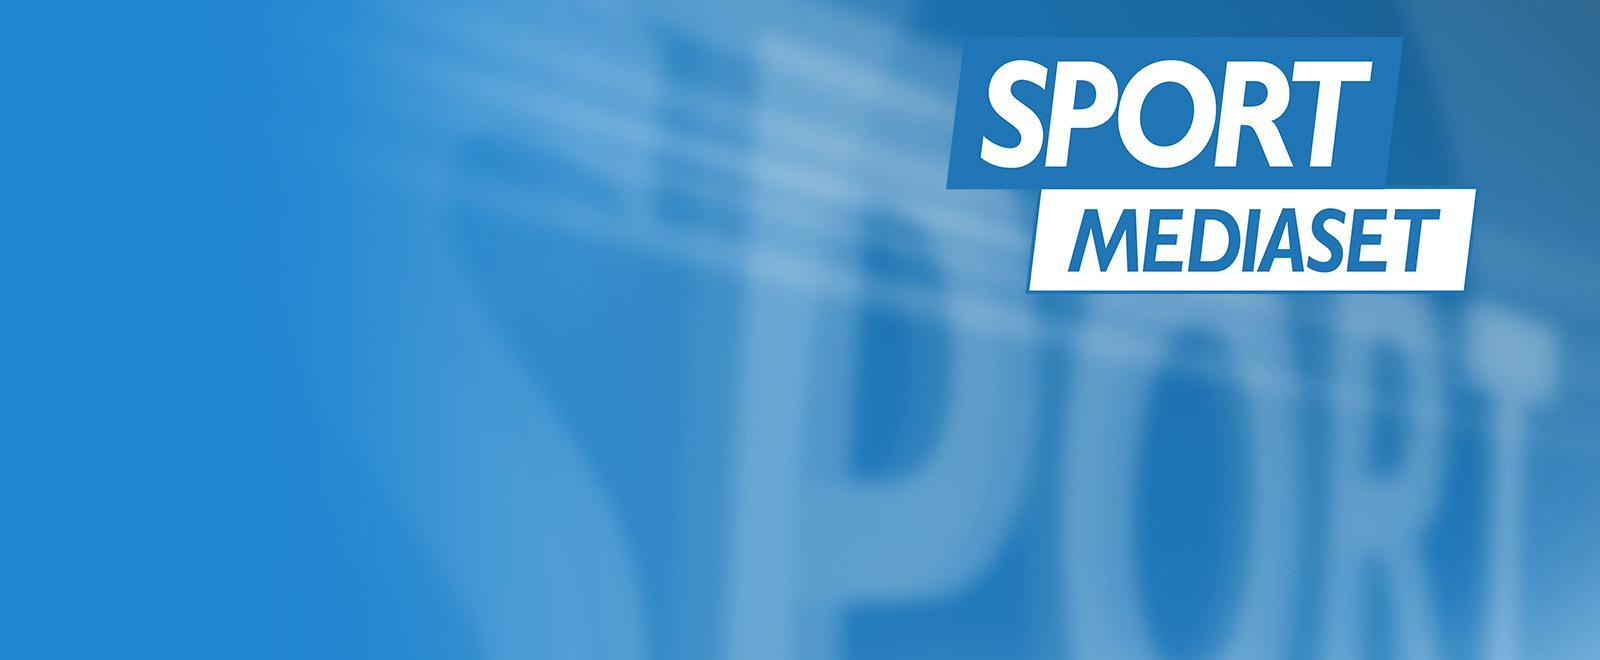 Sport Mediaset - Anticipazioni